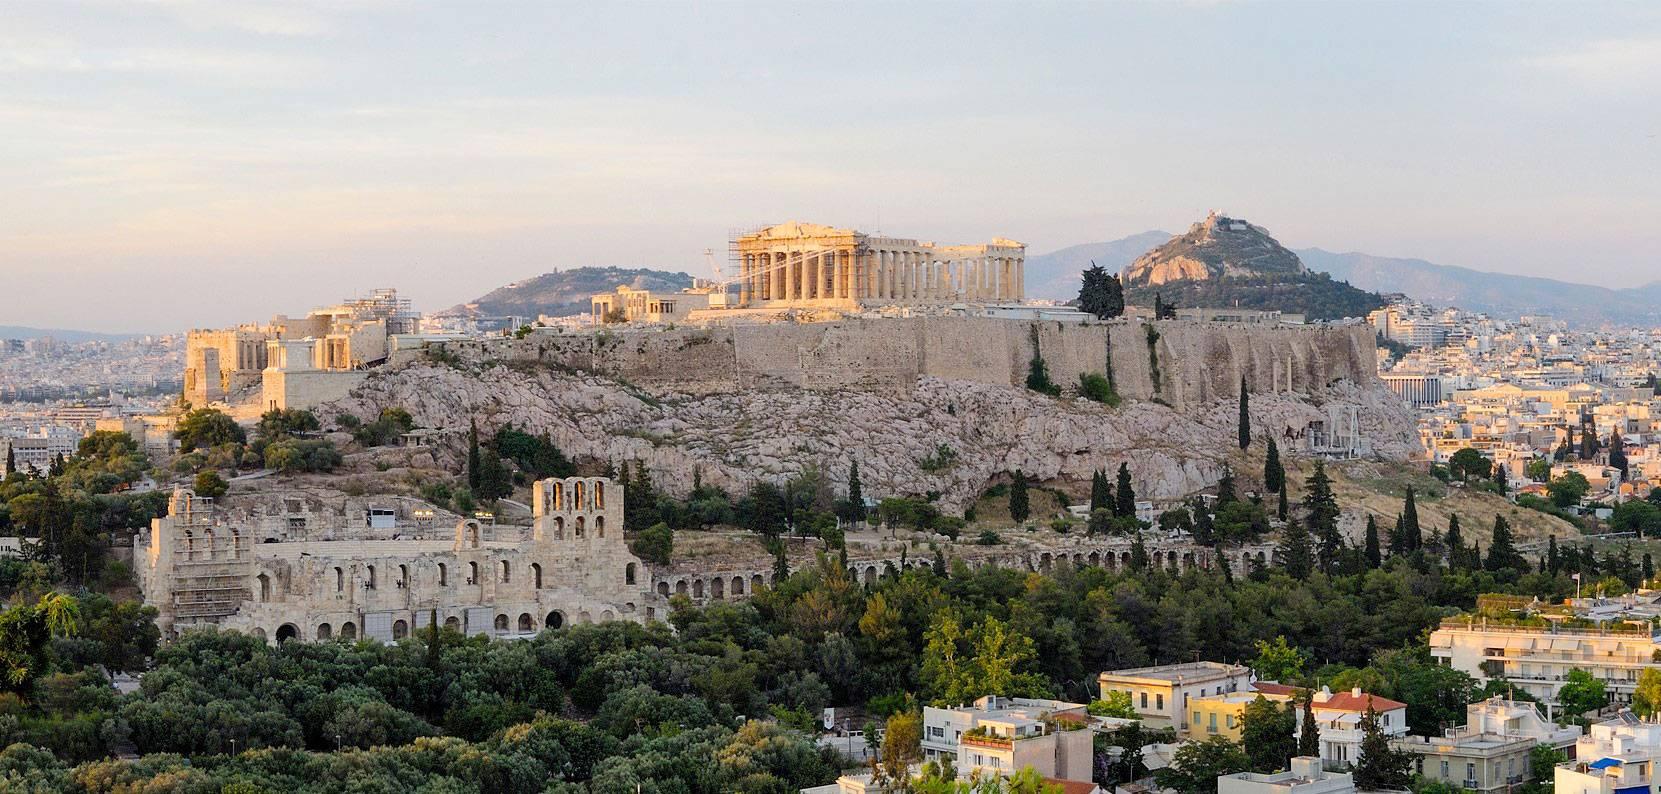 希臘將於5月14日開始接待歐盟和非歐盟之遊客